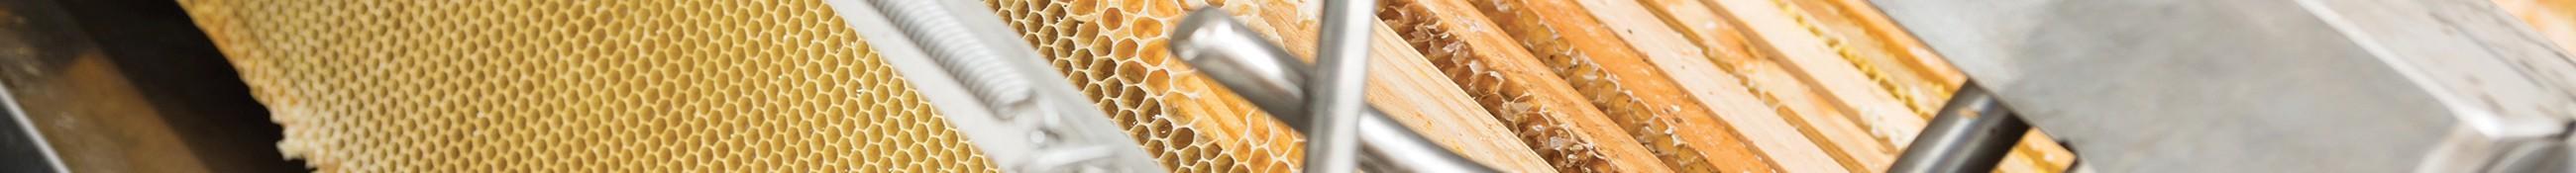 Bénéficiez du savoir-faire de Thomas Apiculture. La gamme Prinox répond aux besoins de tout type d'apiculteurs désireux de minimiser leur coût d'investissement.